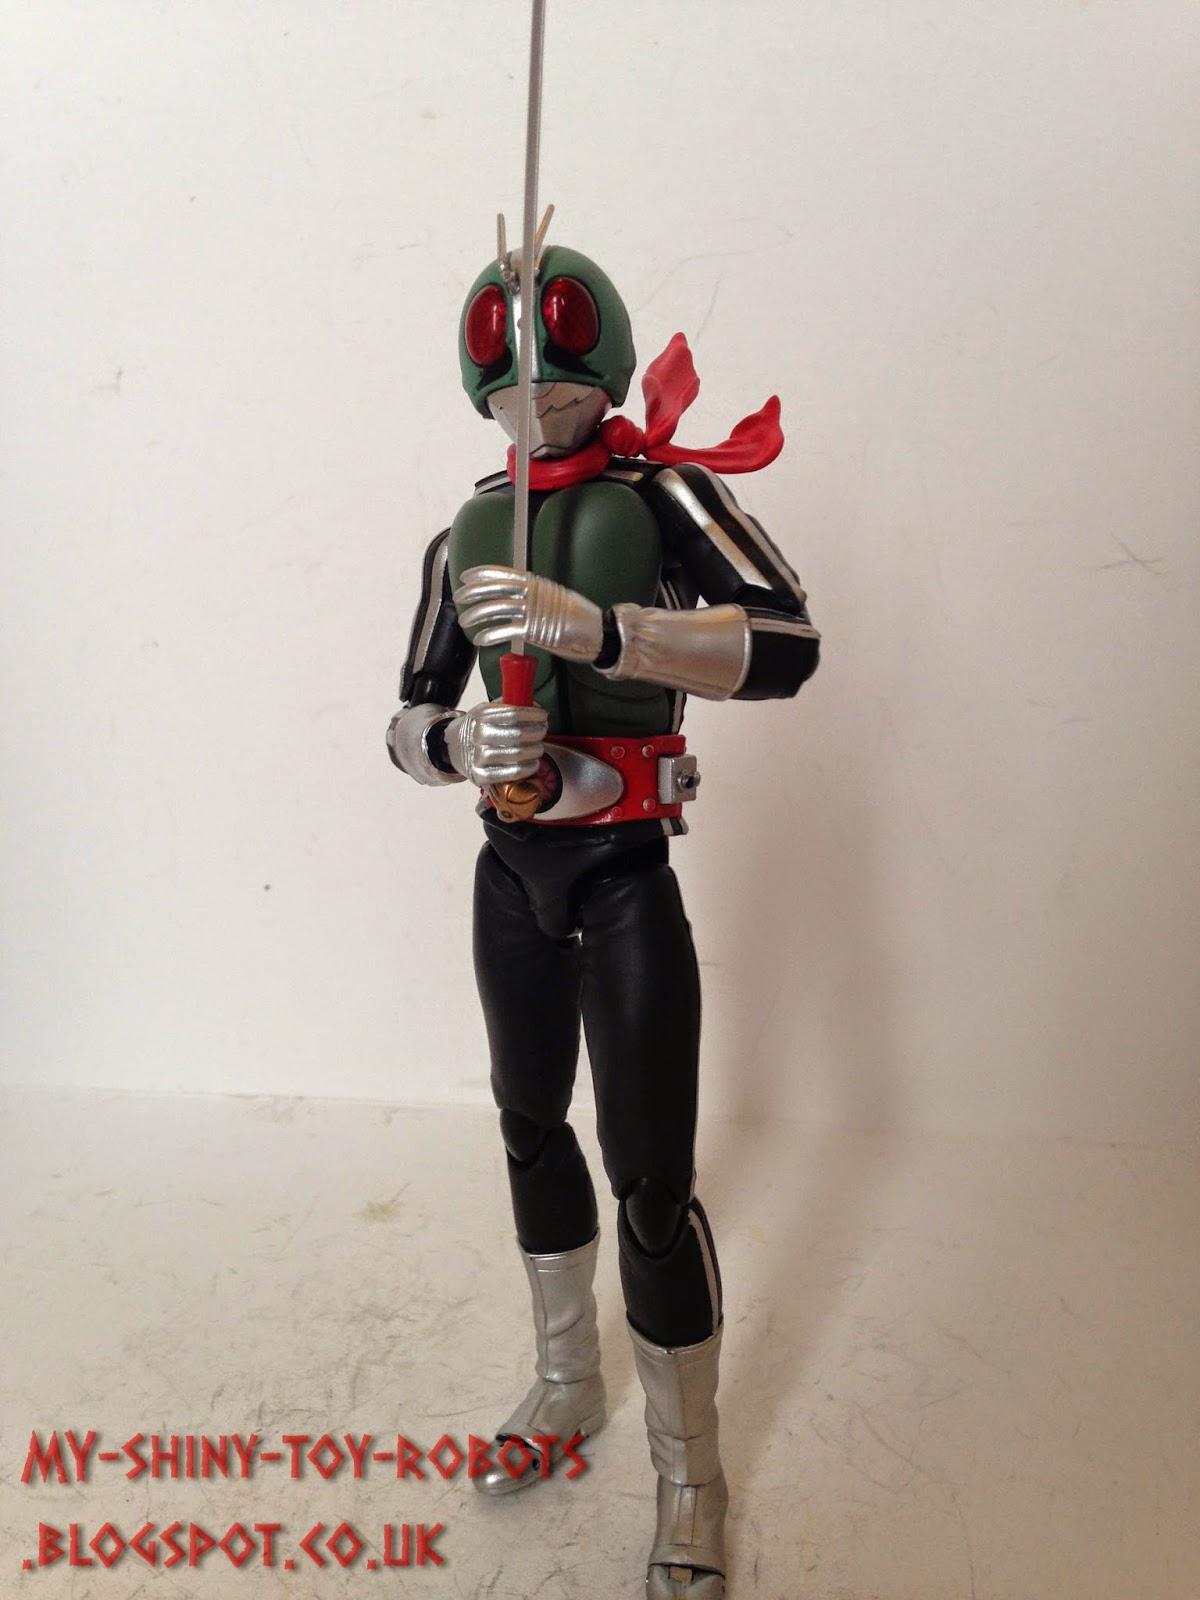 More sword posing